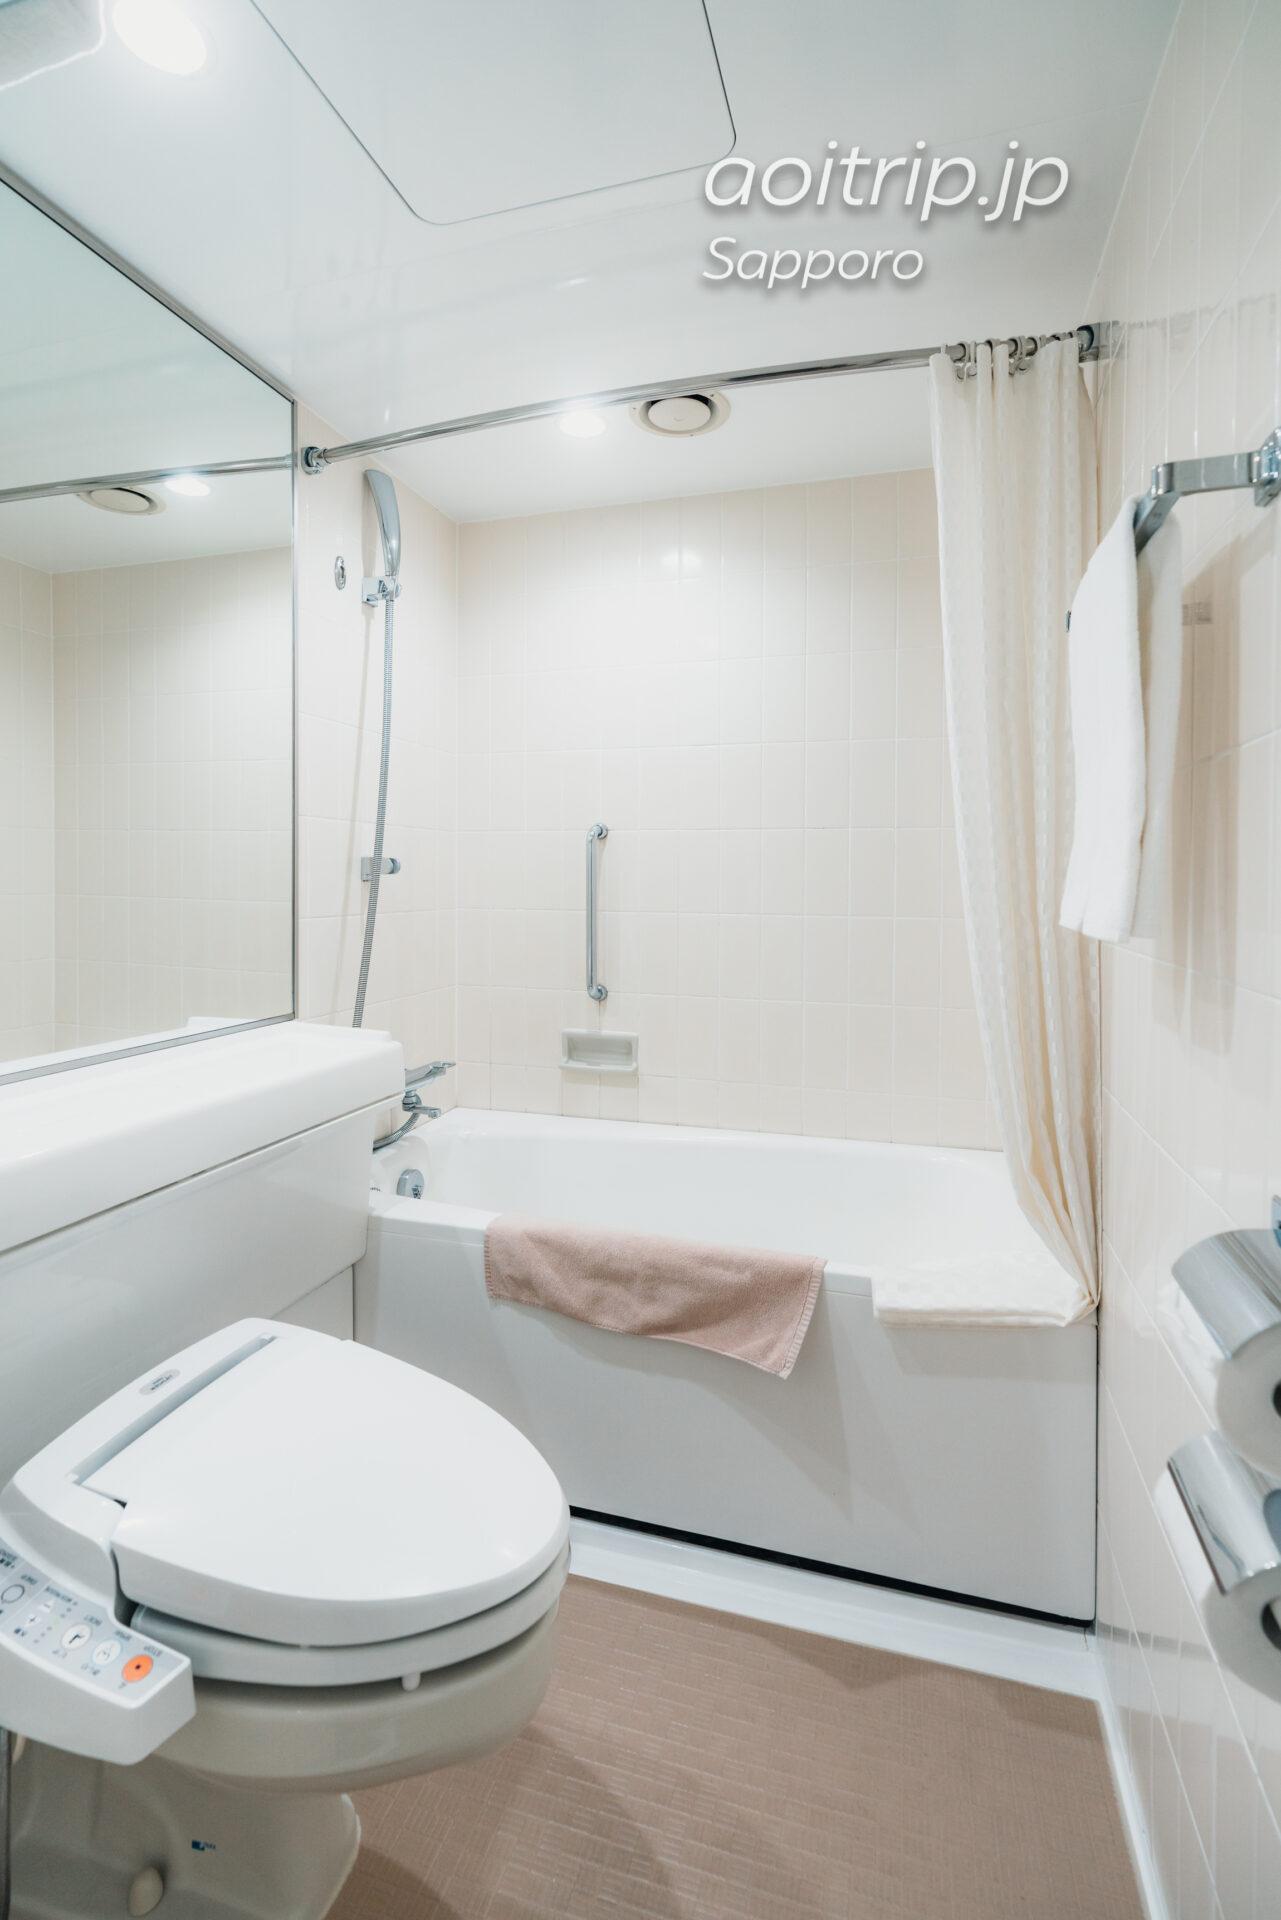 プレミアホテル中島公園 札幌 バスルーム